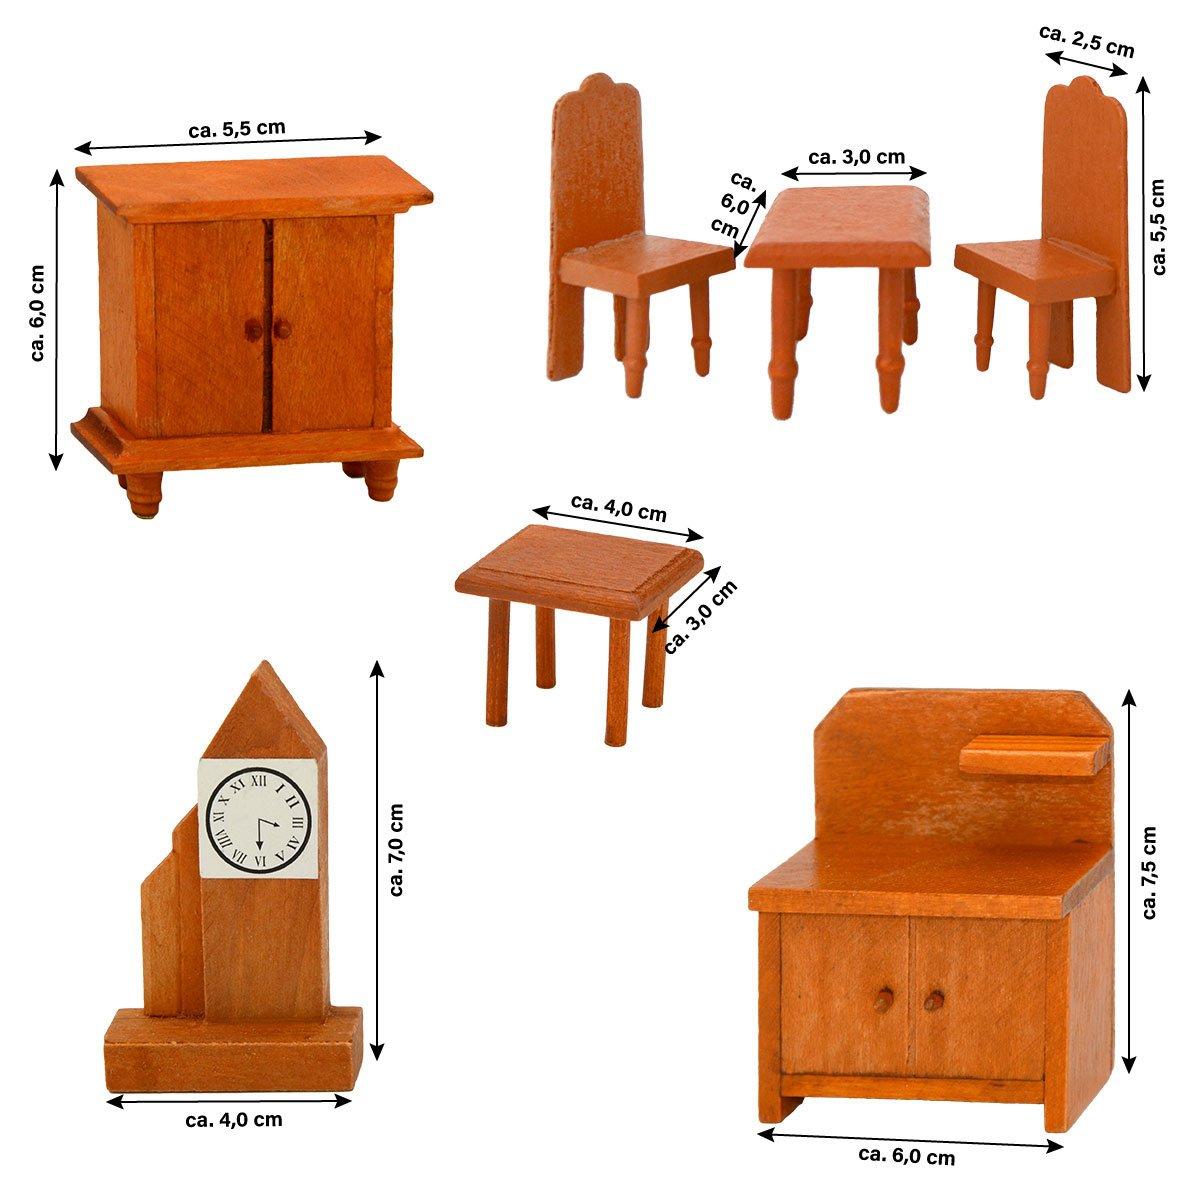 Eyepower decoraci/ón para Dormitorio Casa de Mu/ñecas 7 Muebles en Miniatura Madera